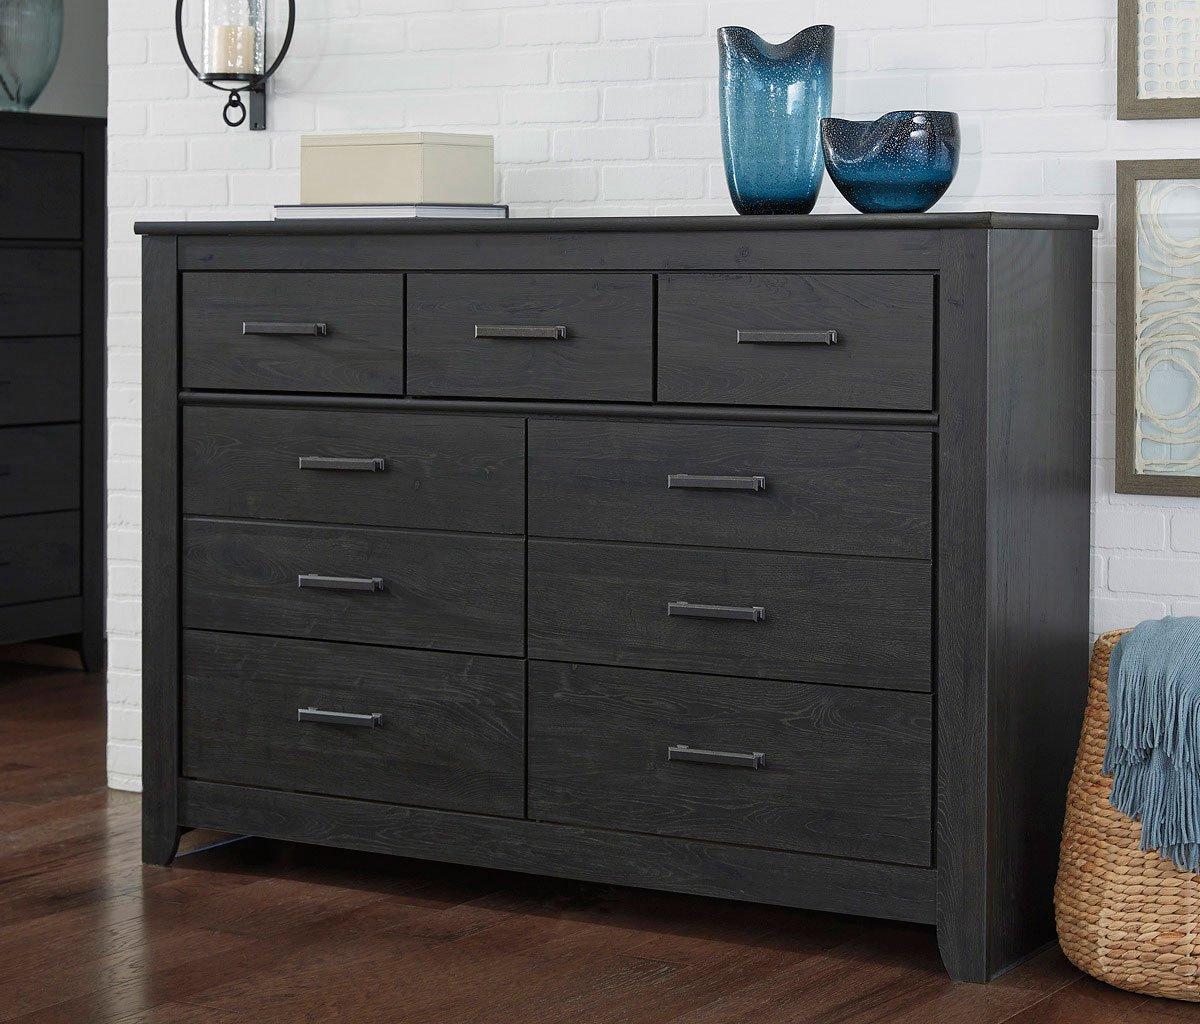 Brinxton Dresser By Signature Design By Ashley Furniturepick